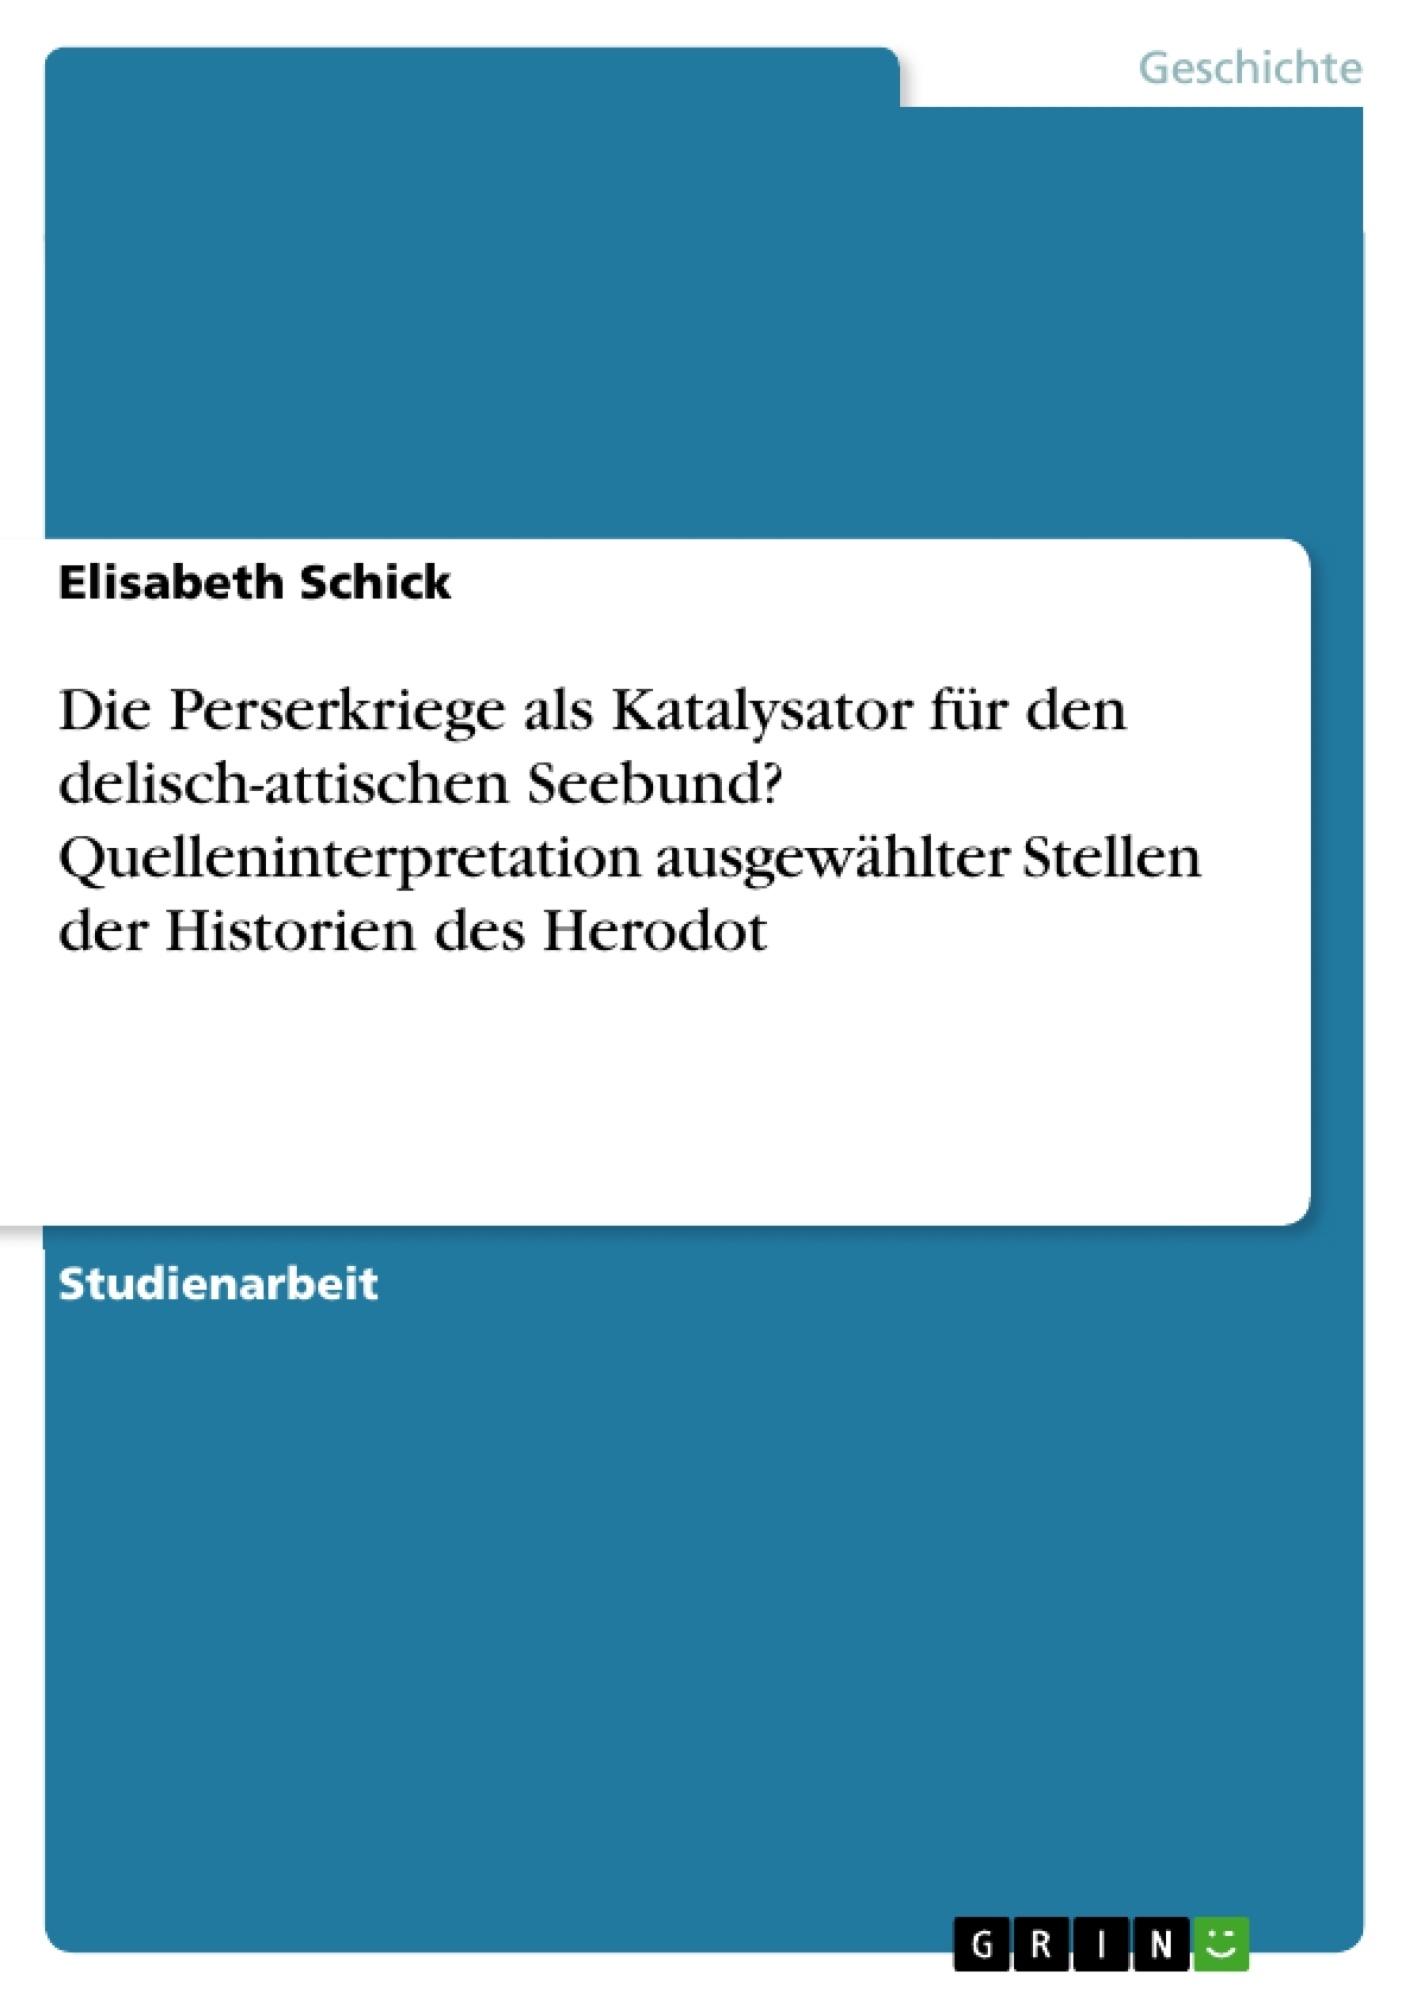 Titel: Die Perserkriege als Katalysator für den delisch-attischen Seebund? Quelleninterpretation ausgewählter Stellen der Historien des Herodot